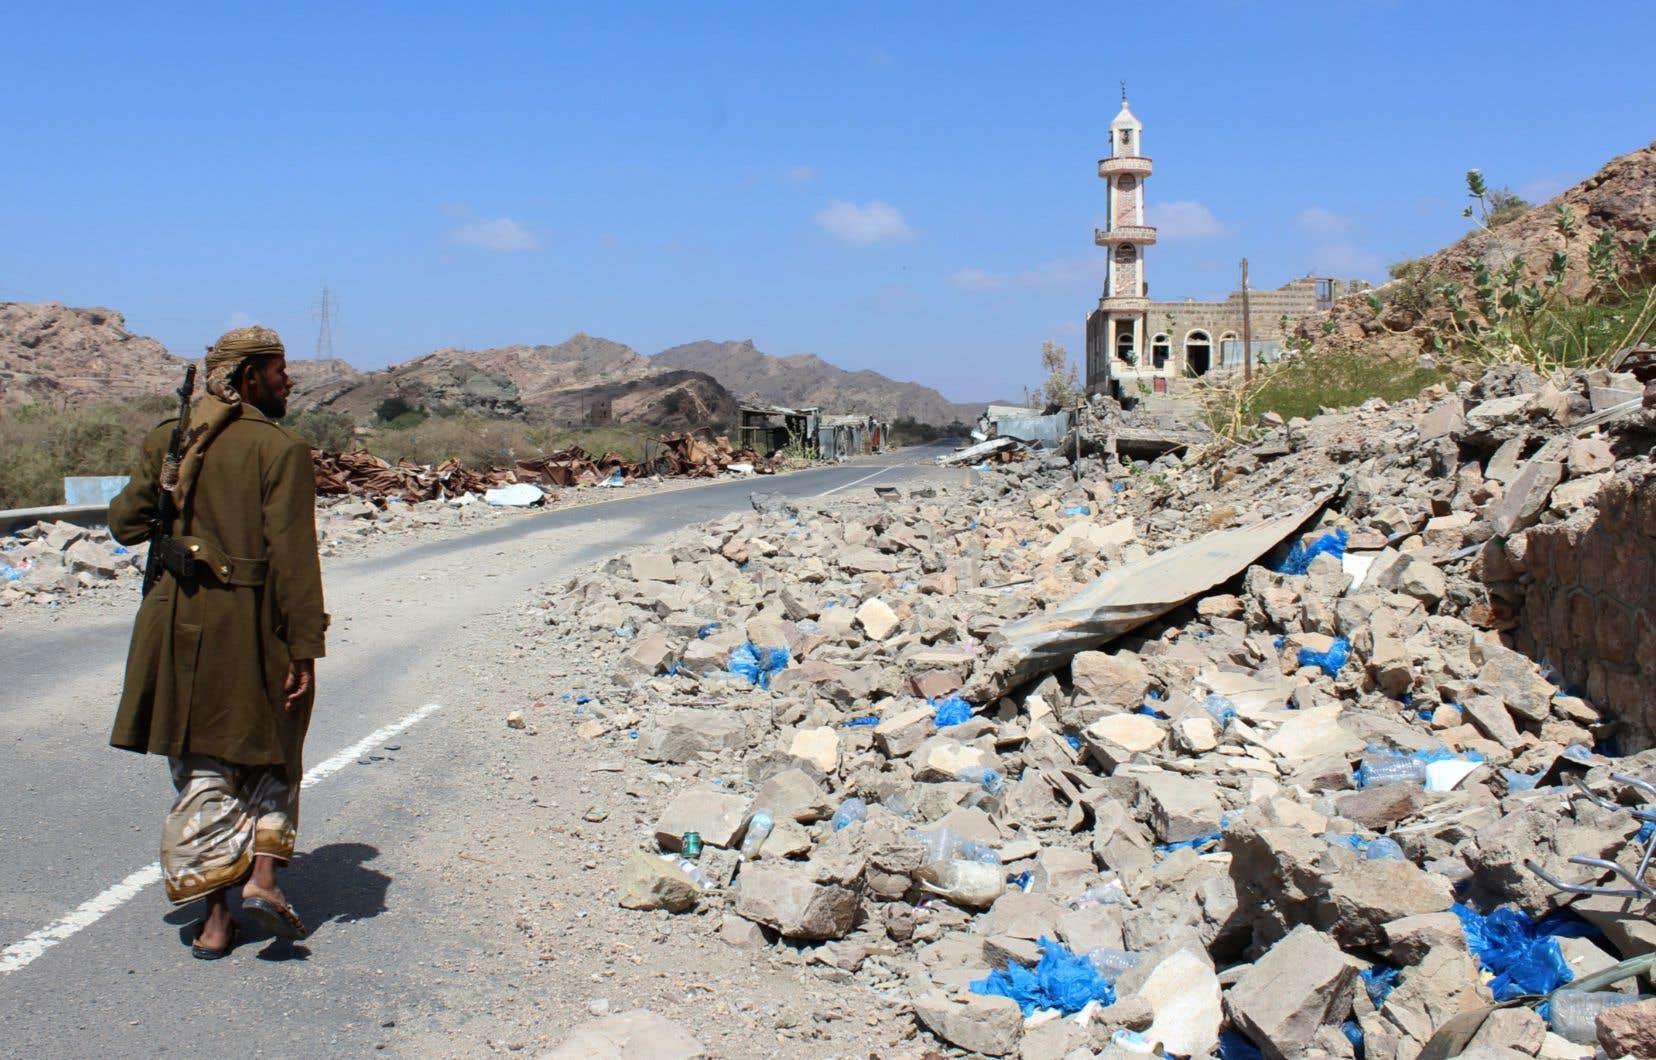 Un combattant yéménite loyal au gouvernement passe devant des débris, le long d'une route près de la ville d'Al-Shurayja.